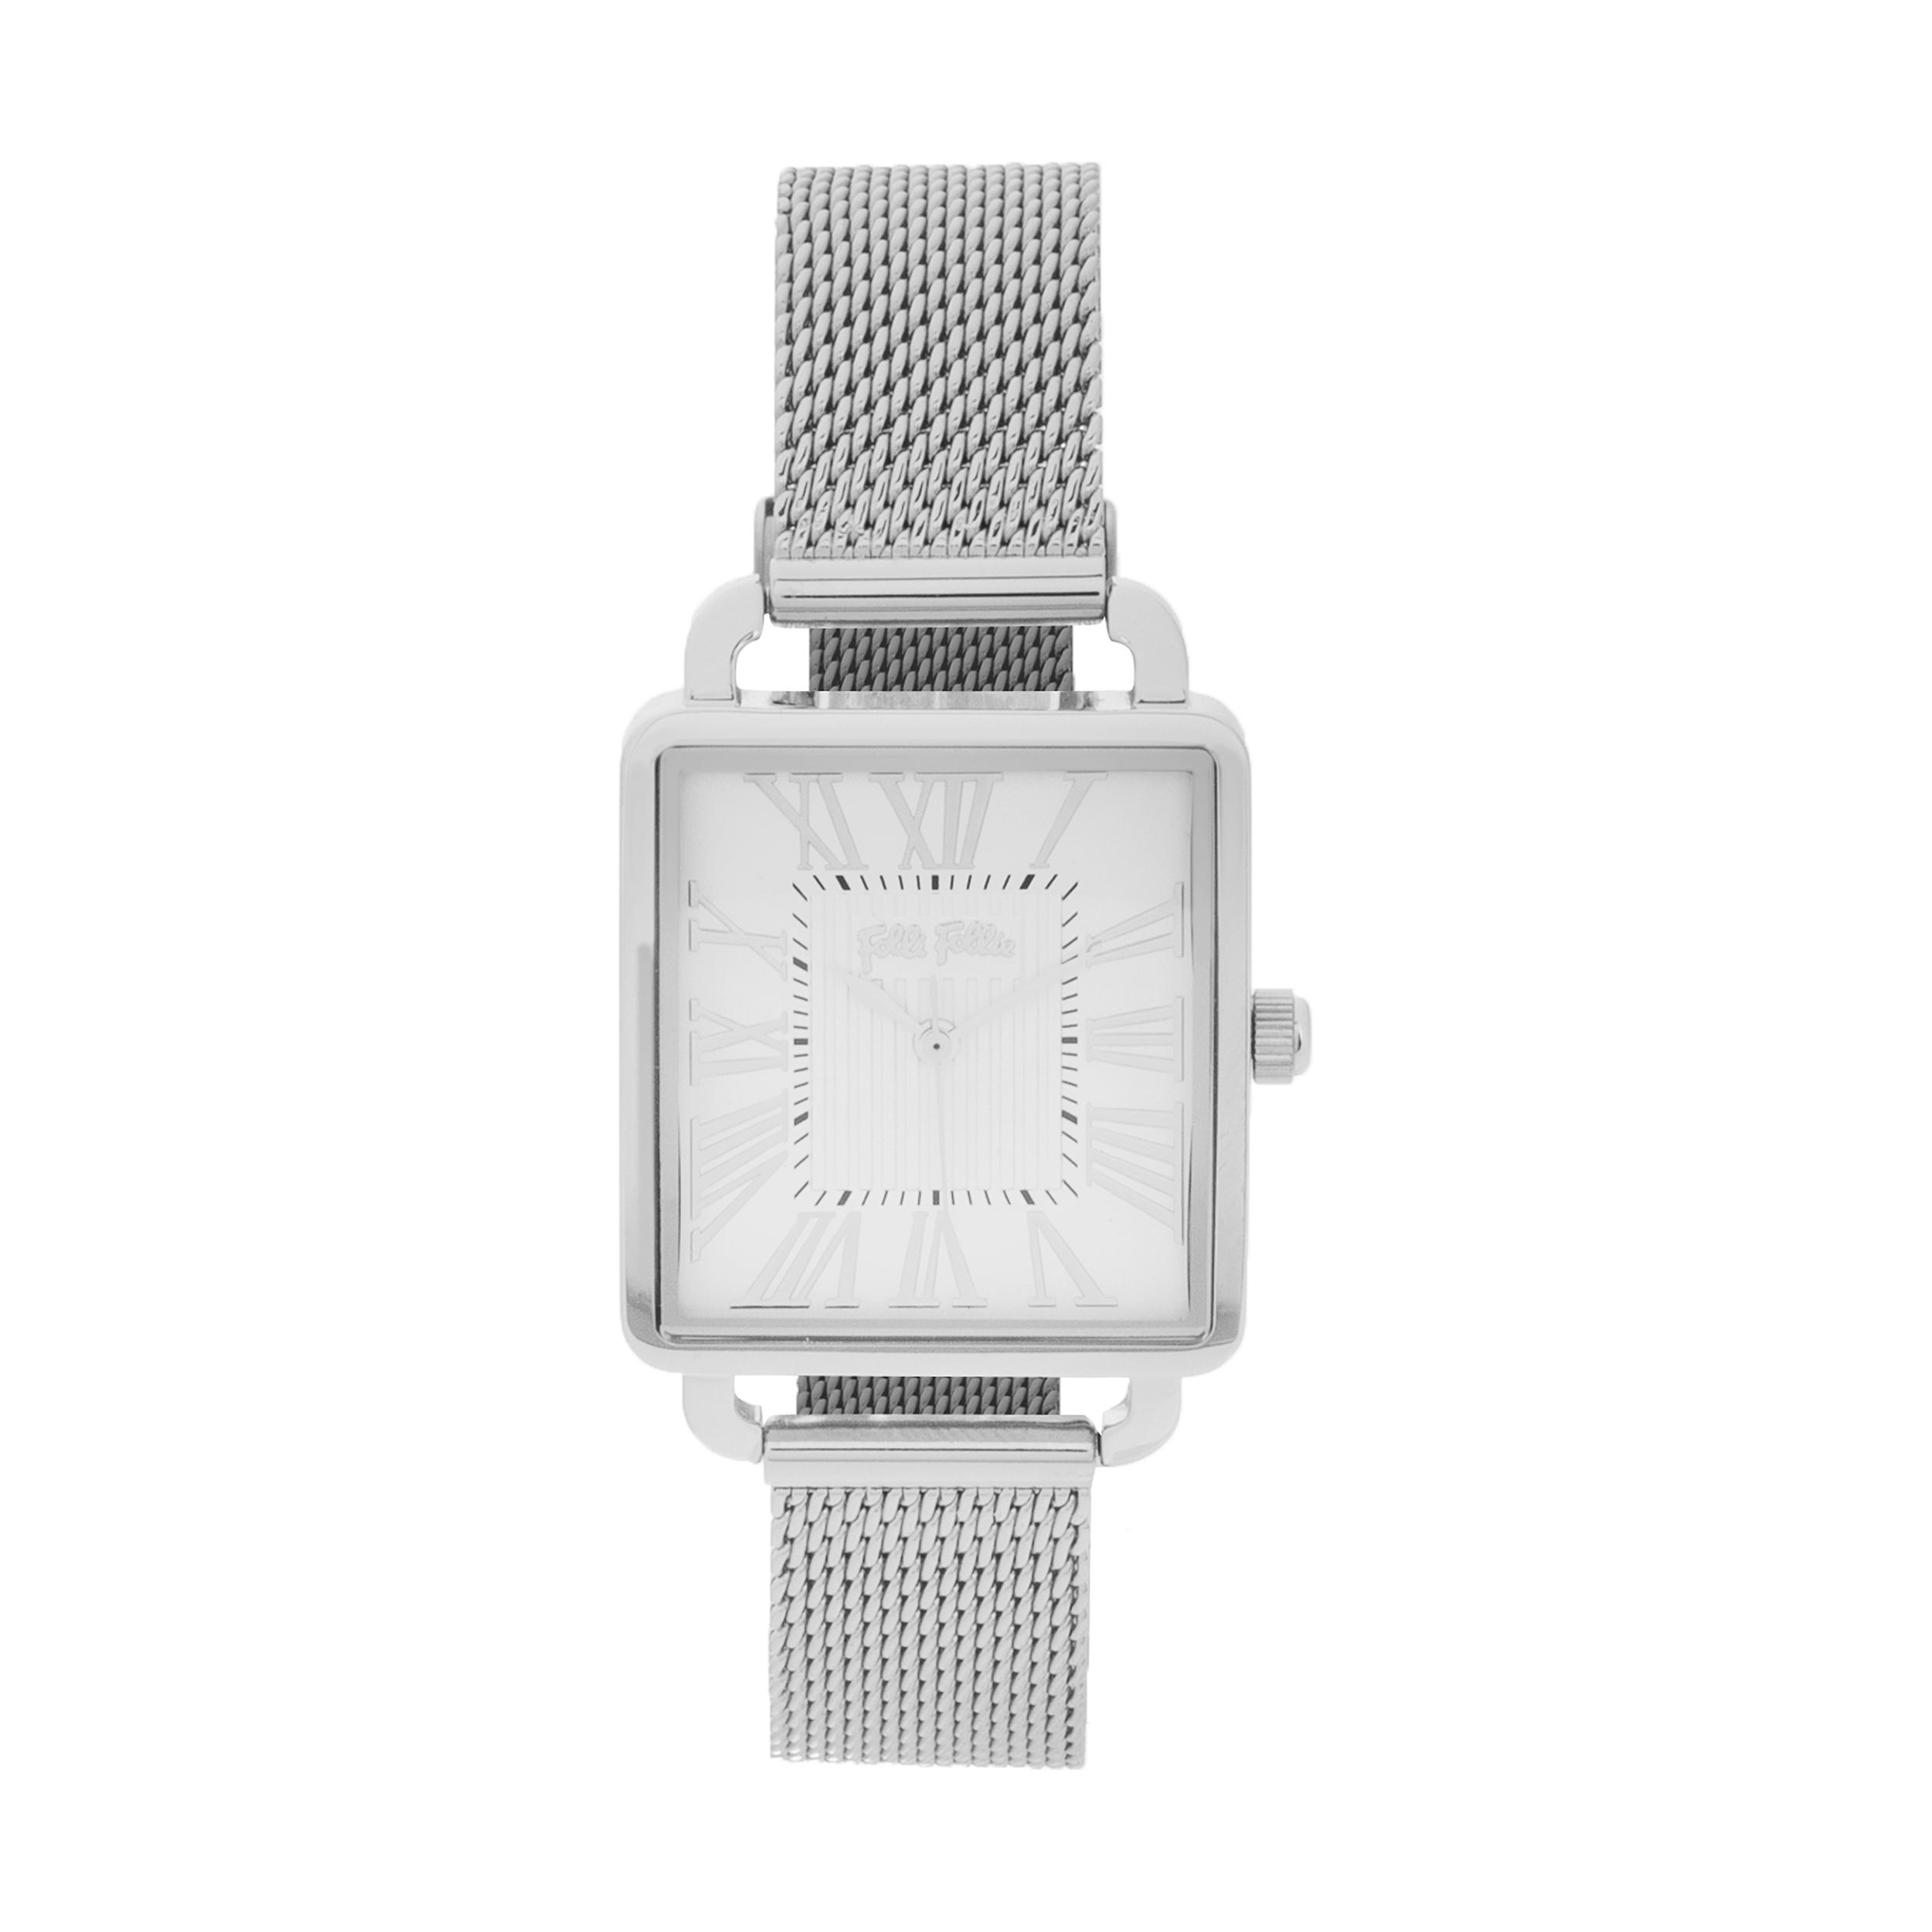 ساعت مچی عقربه ای زنانه فولی فولیه مدل WF16T012BPS (بدون جعبه اورجینال)              خرید (⭐️⭐️⭐️)